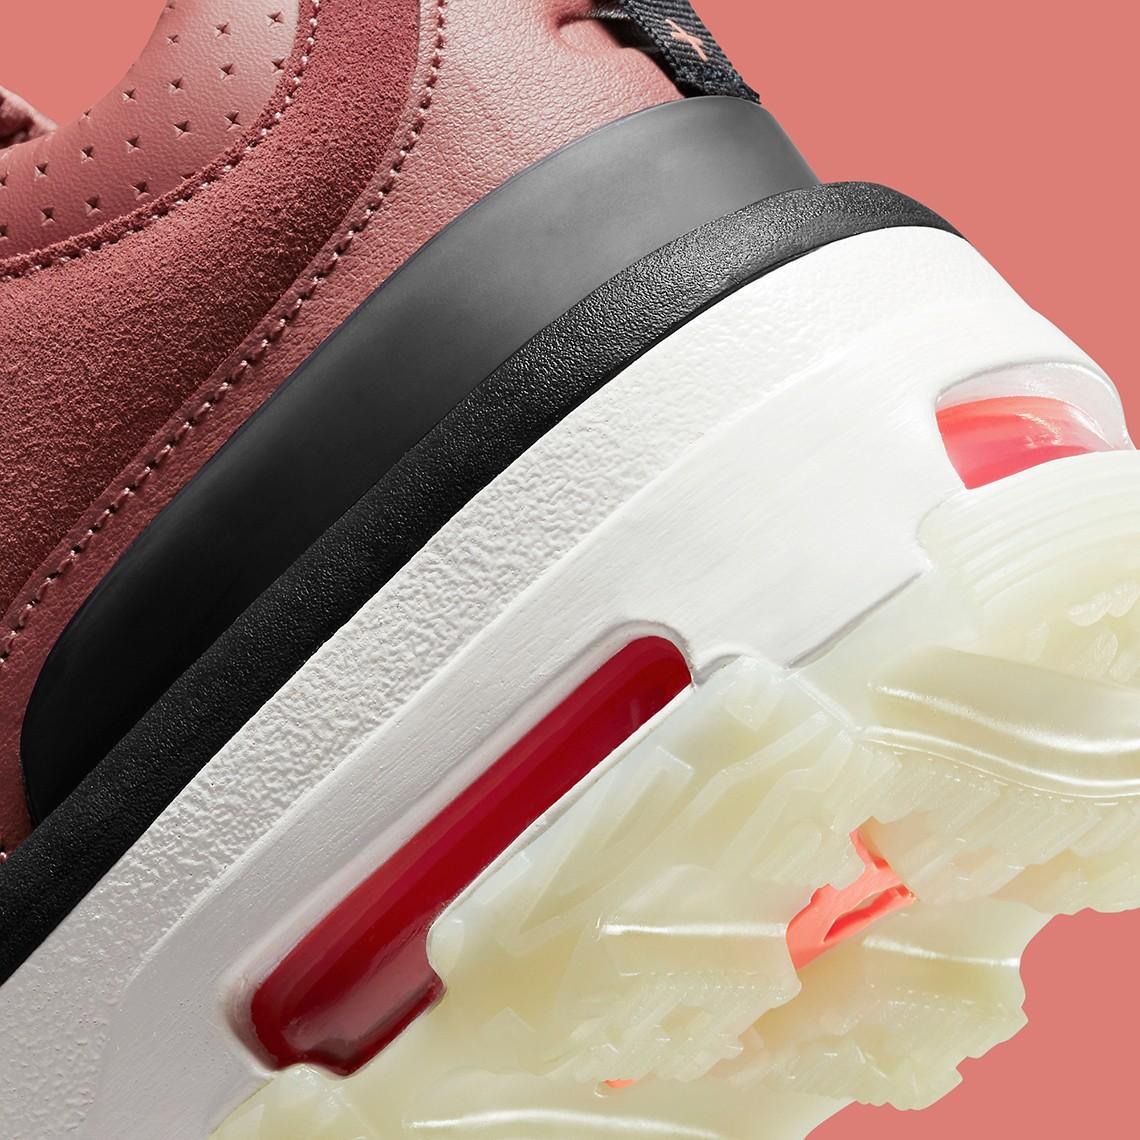 Jordan,Air Mae,mae,CT4539-600  Jordan 新鞋型!全新 Air Mae 官图首次曝光!